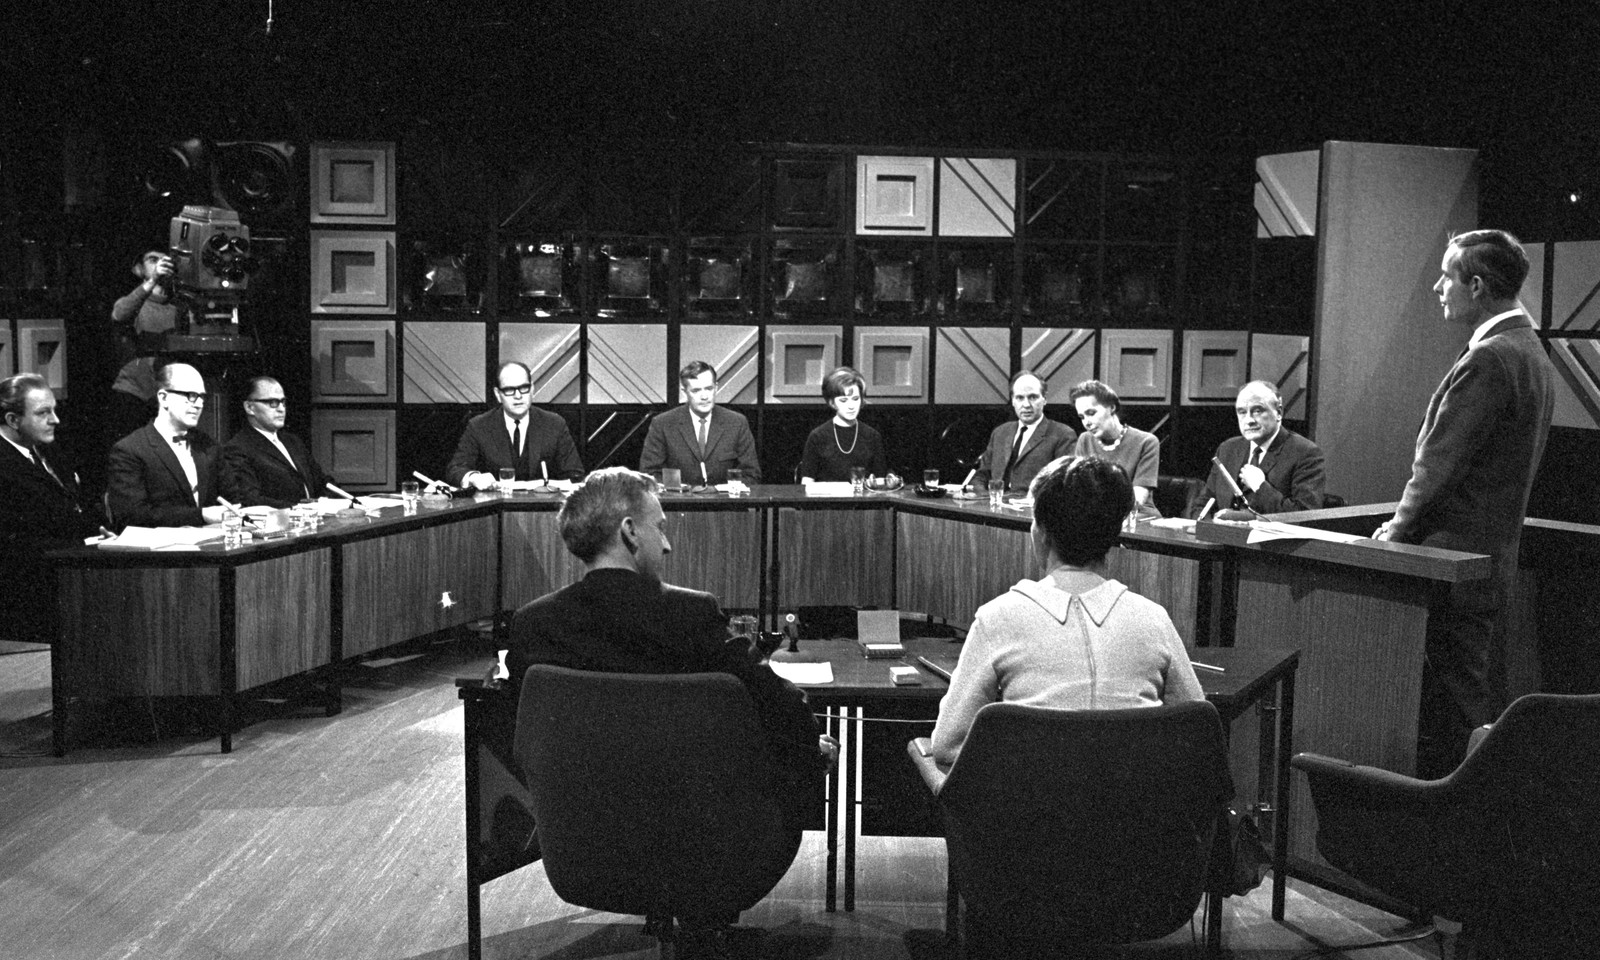 Omstridte program: Annen halvdel av 1960-tallet var stormfulle tider, både i NRK og for Kringkastingsrådet. Kjell Arnljot Wig og Åpen Post var blant gjengangerne i rådet.